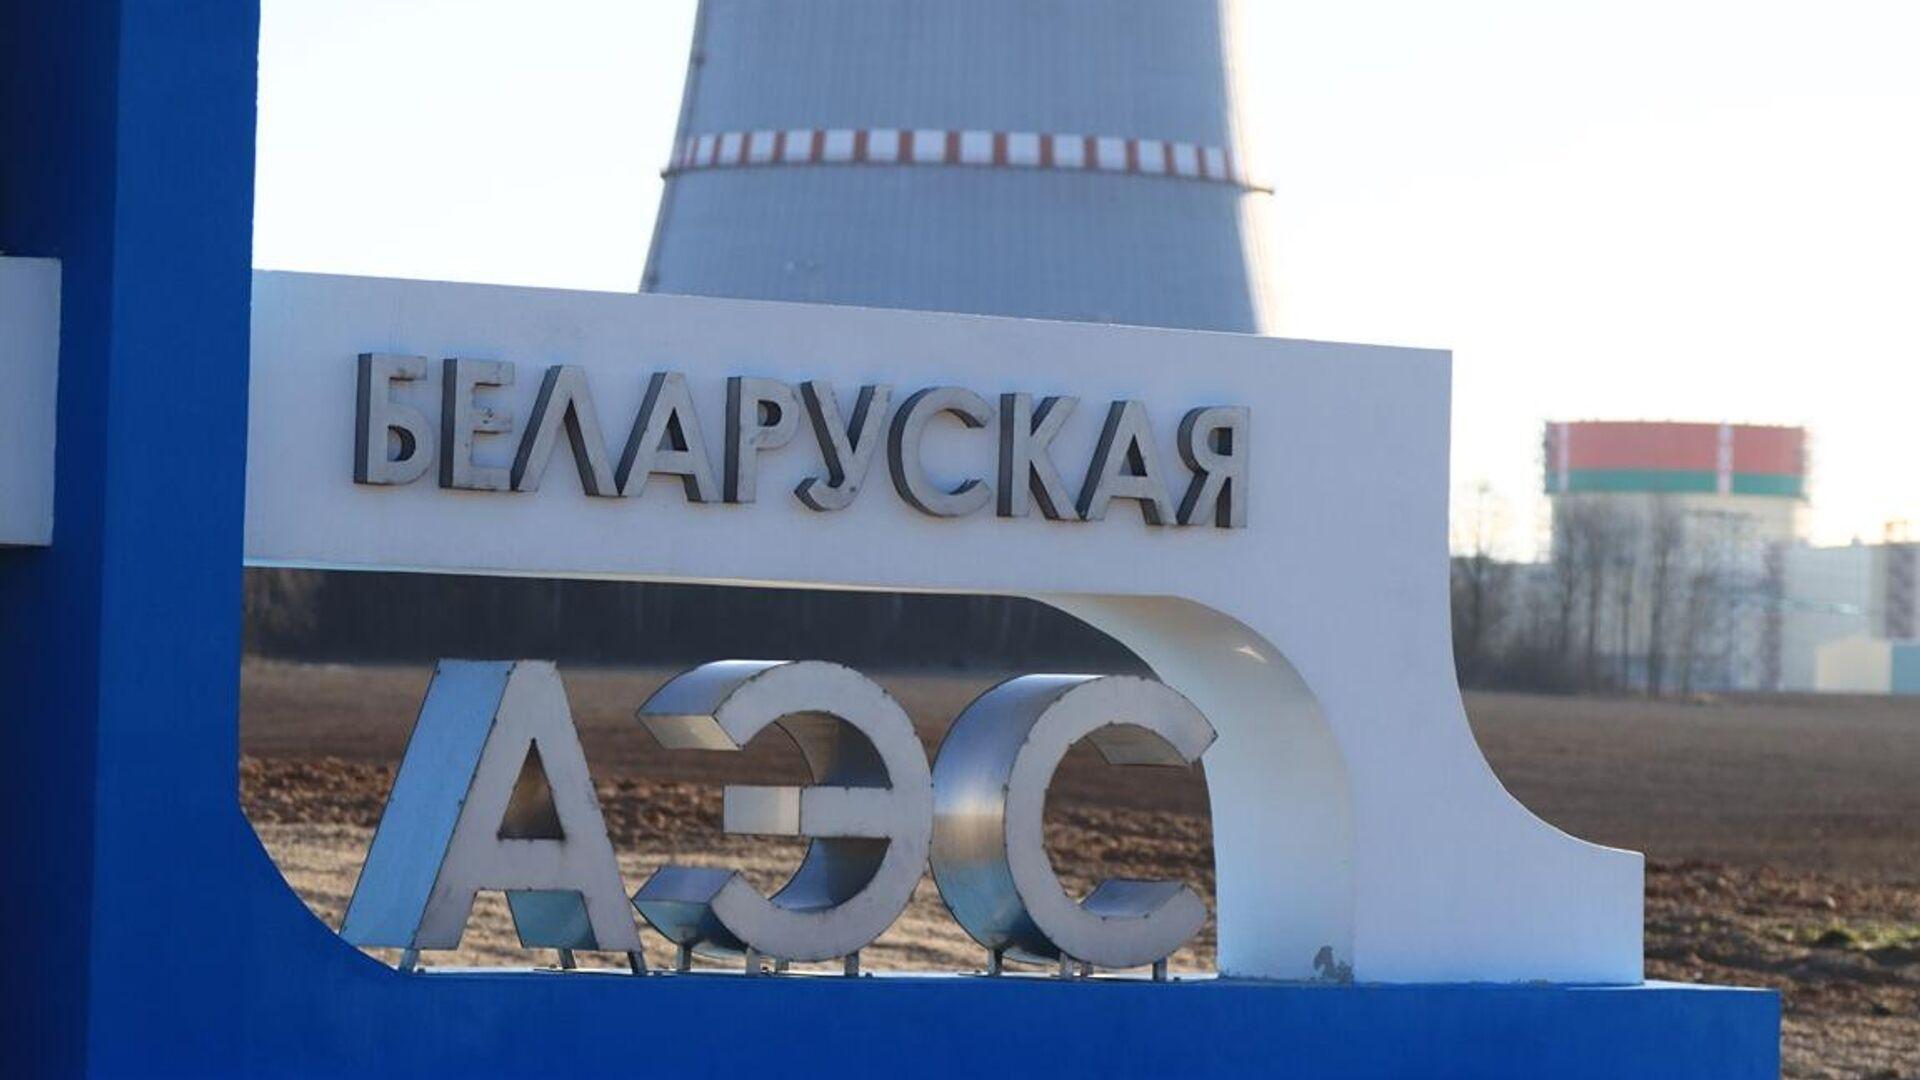 Белорусская АЭС - РИА Новости, 1920, 28.05.2021